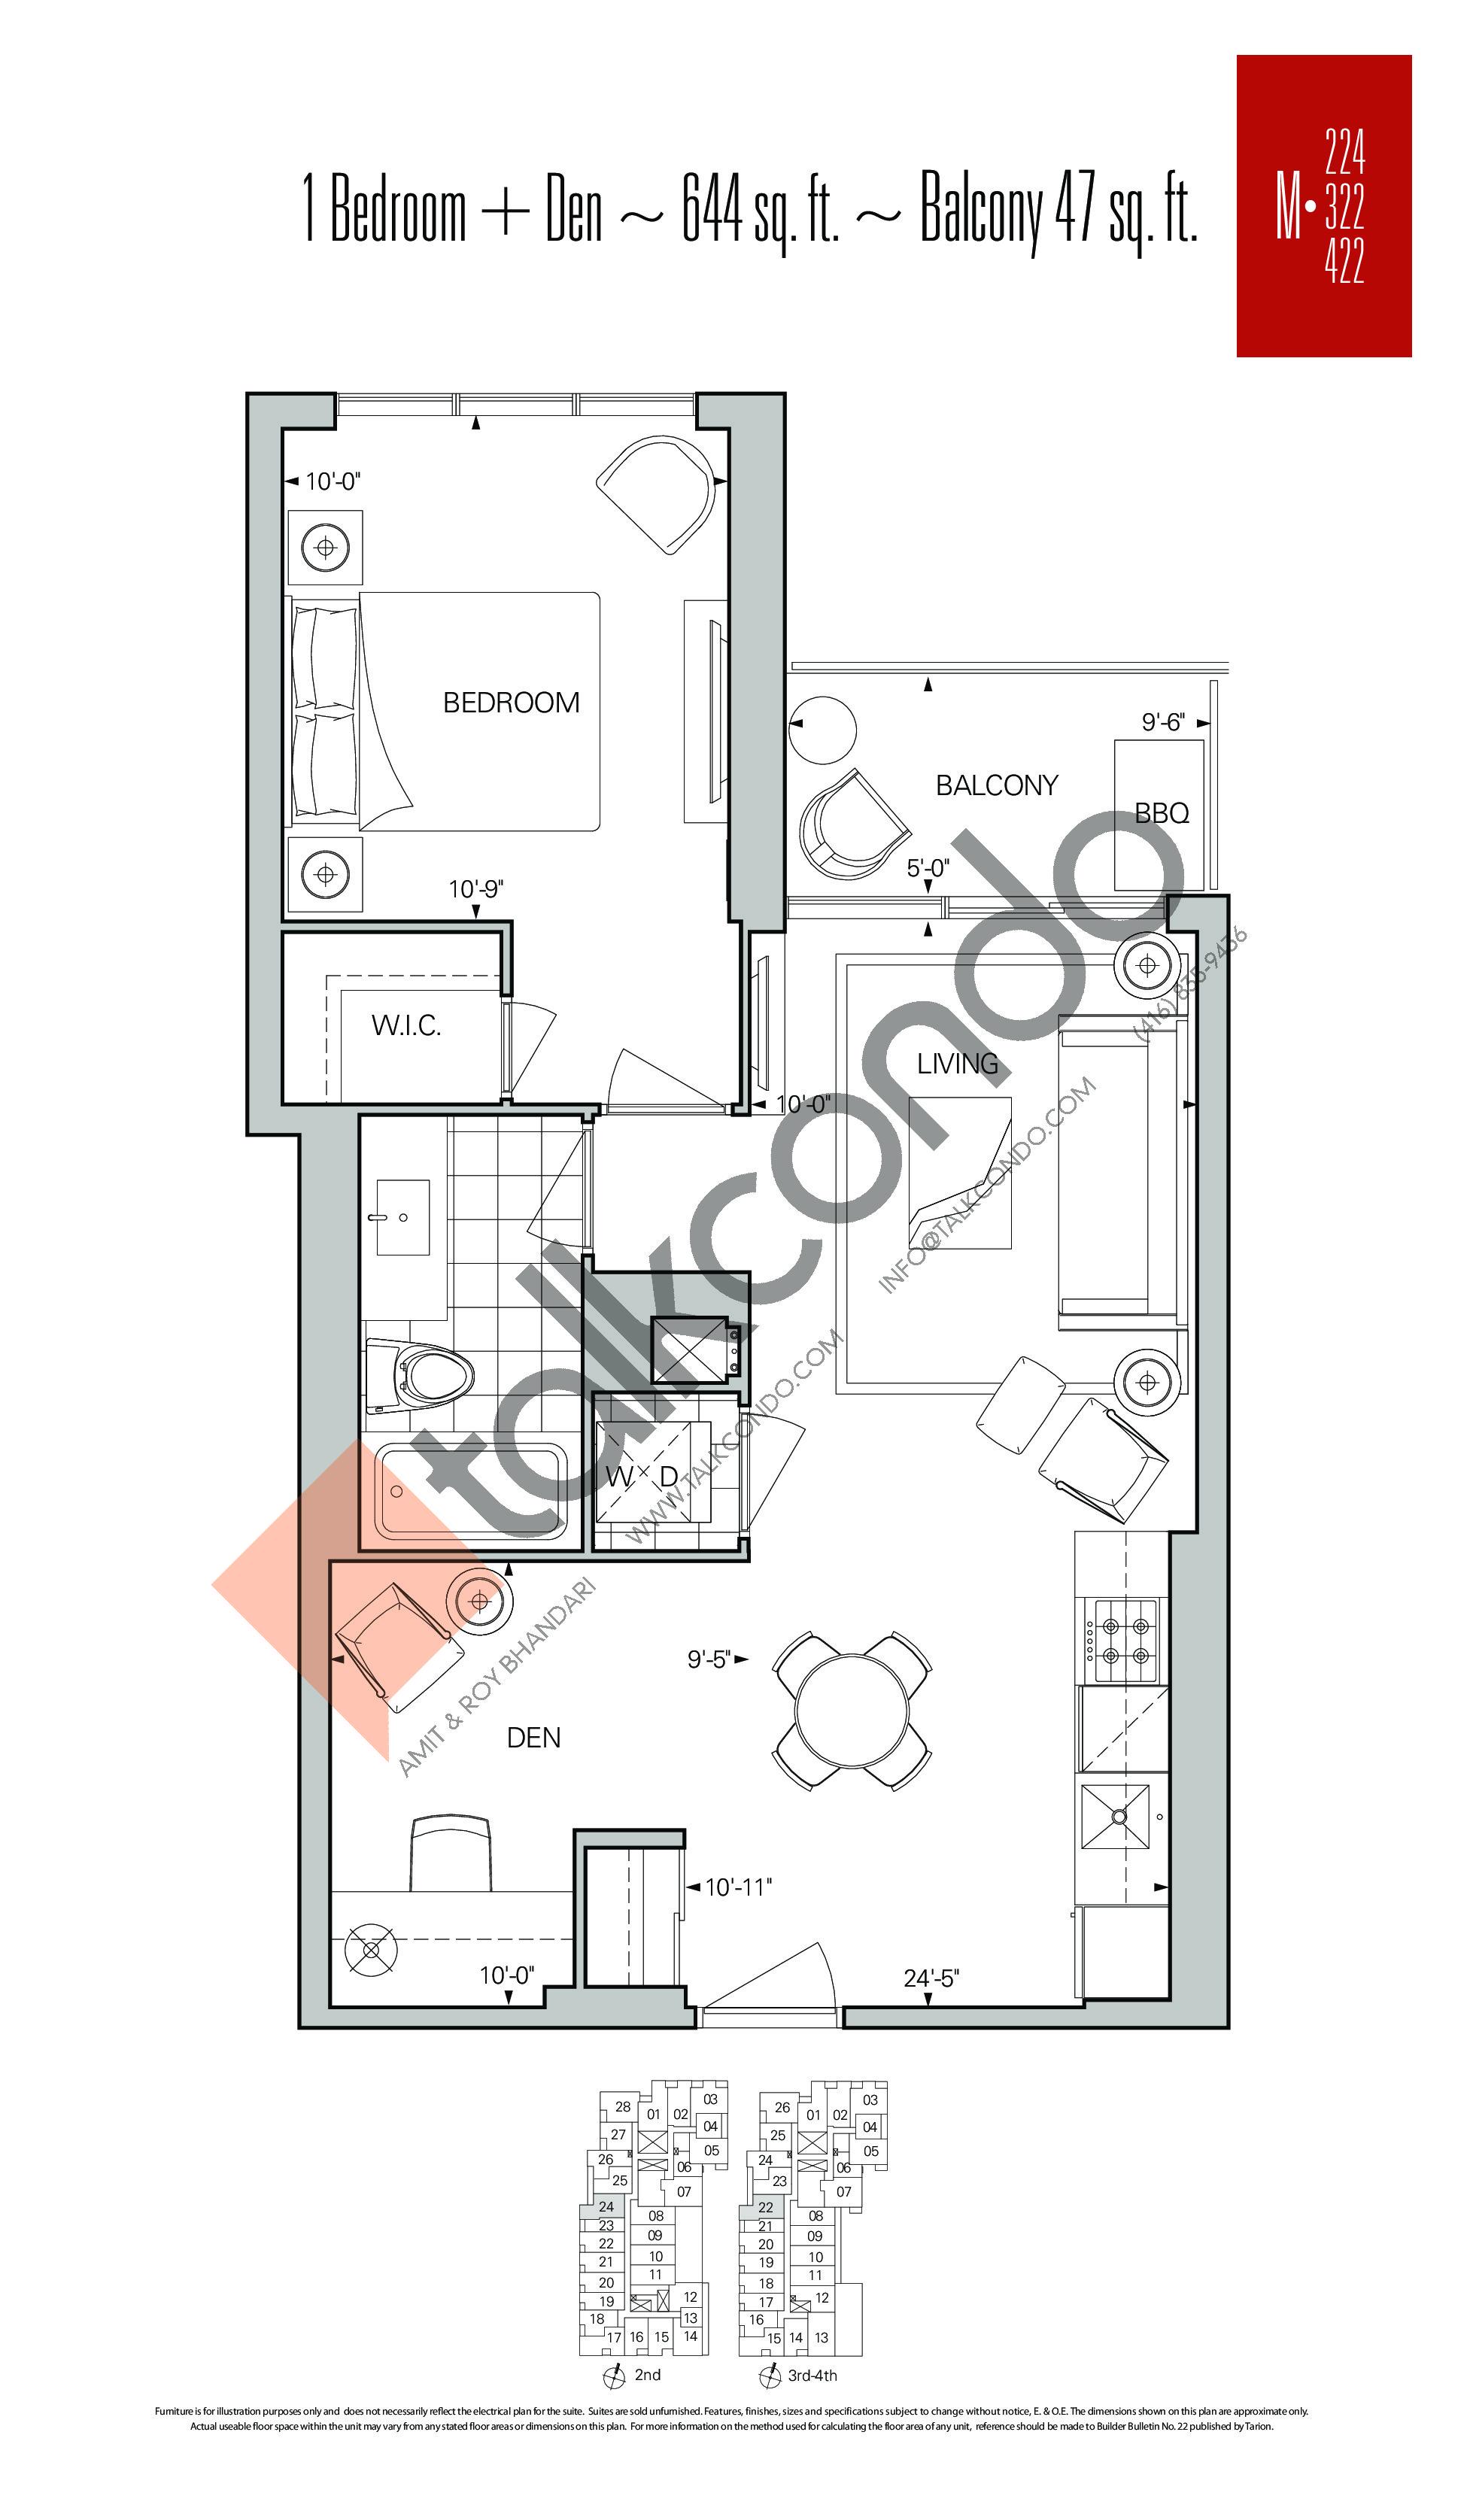 M-224 | M-322 | M-422 Floor Plan at Rise Condos - 644 sq.ft